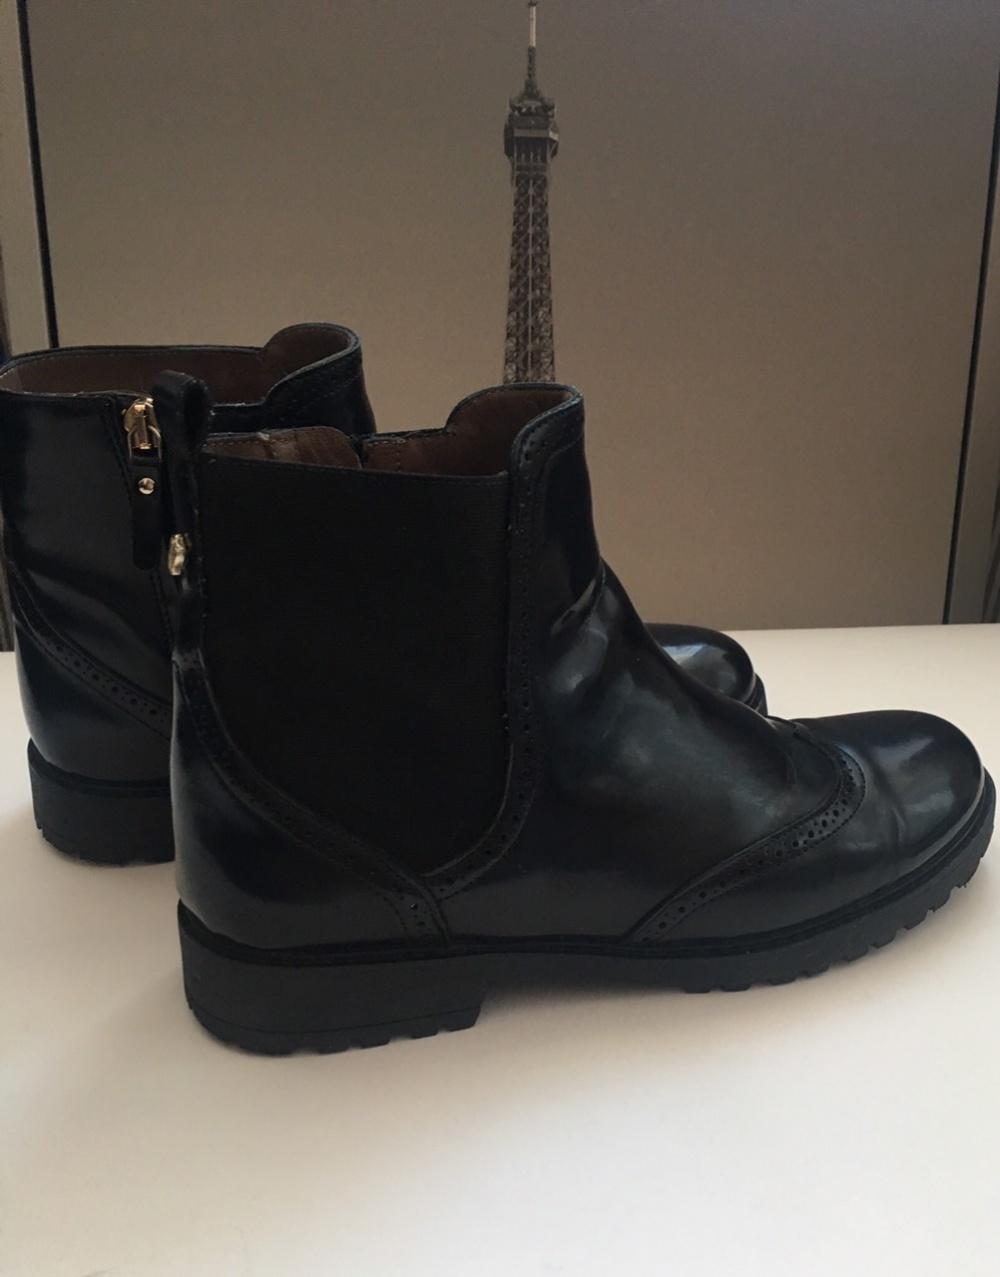 Ботинки Massimo Dutti, 38-39 размеры